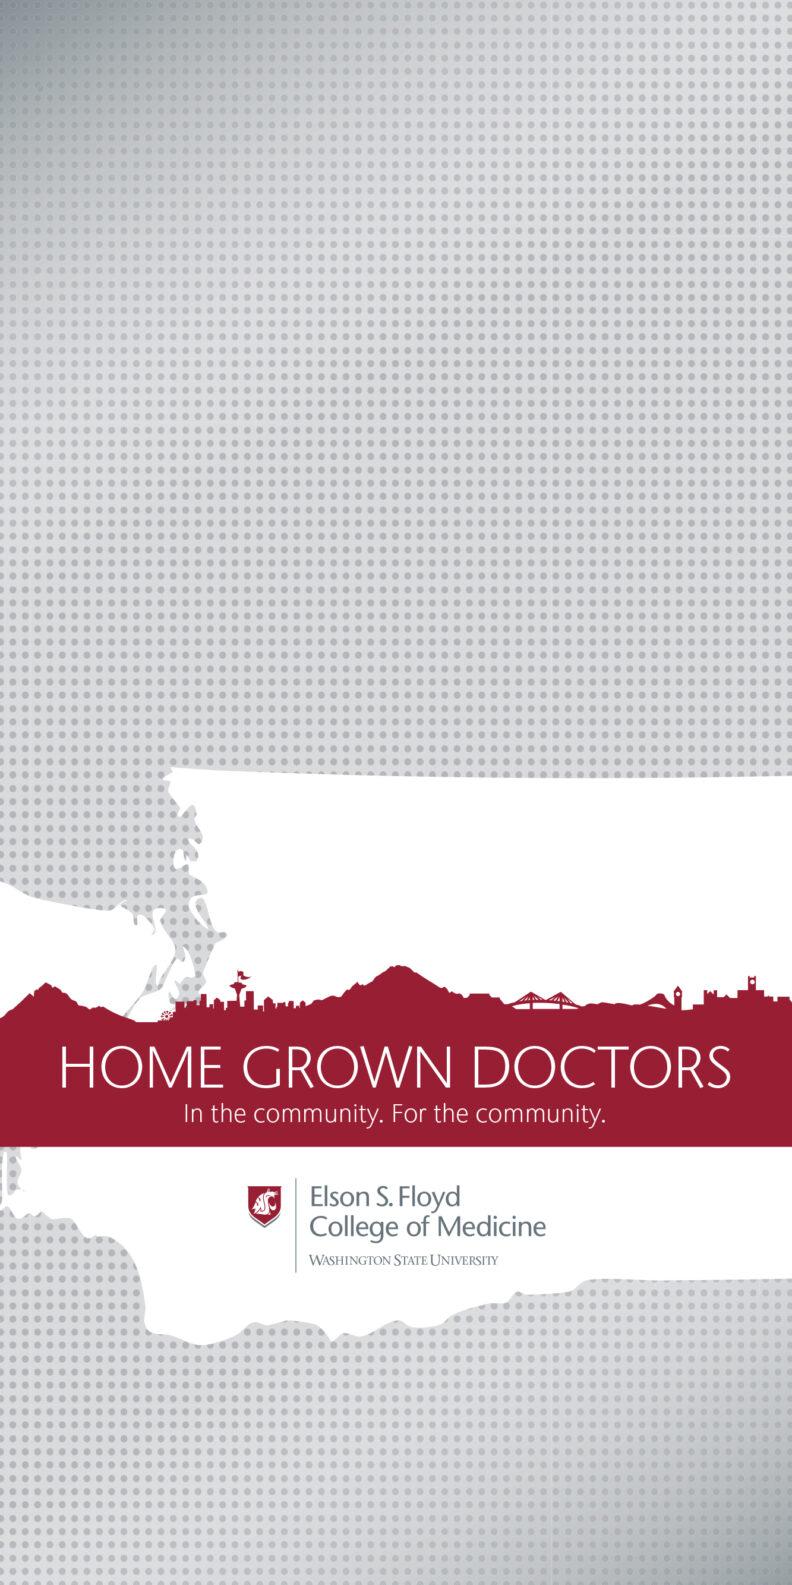 Wallpaper home grown doctors